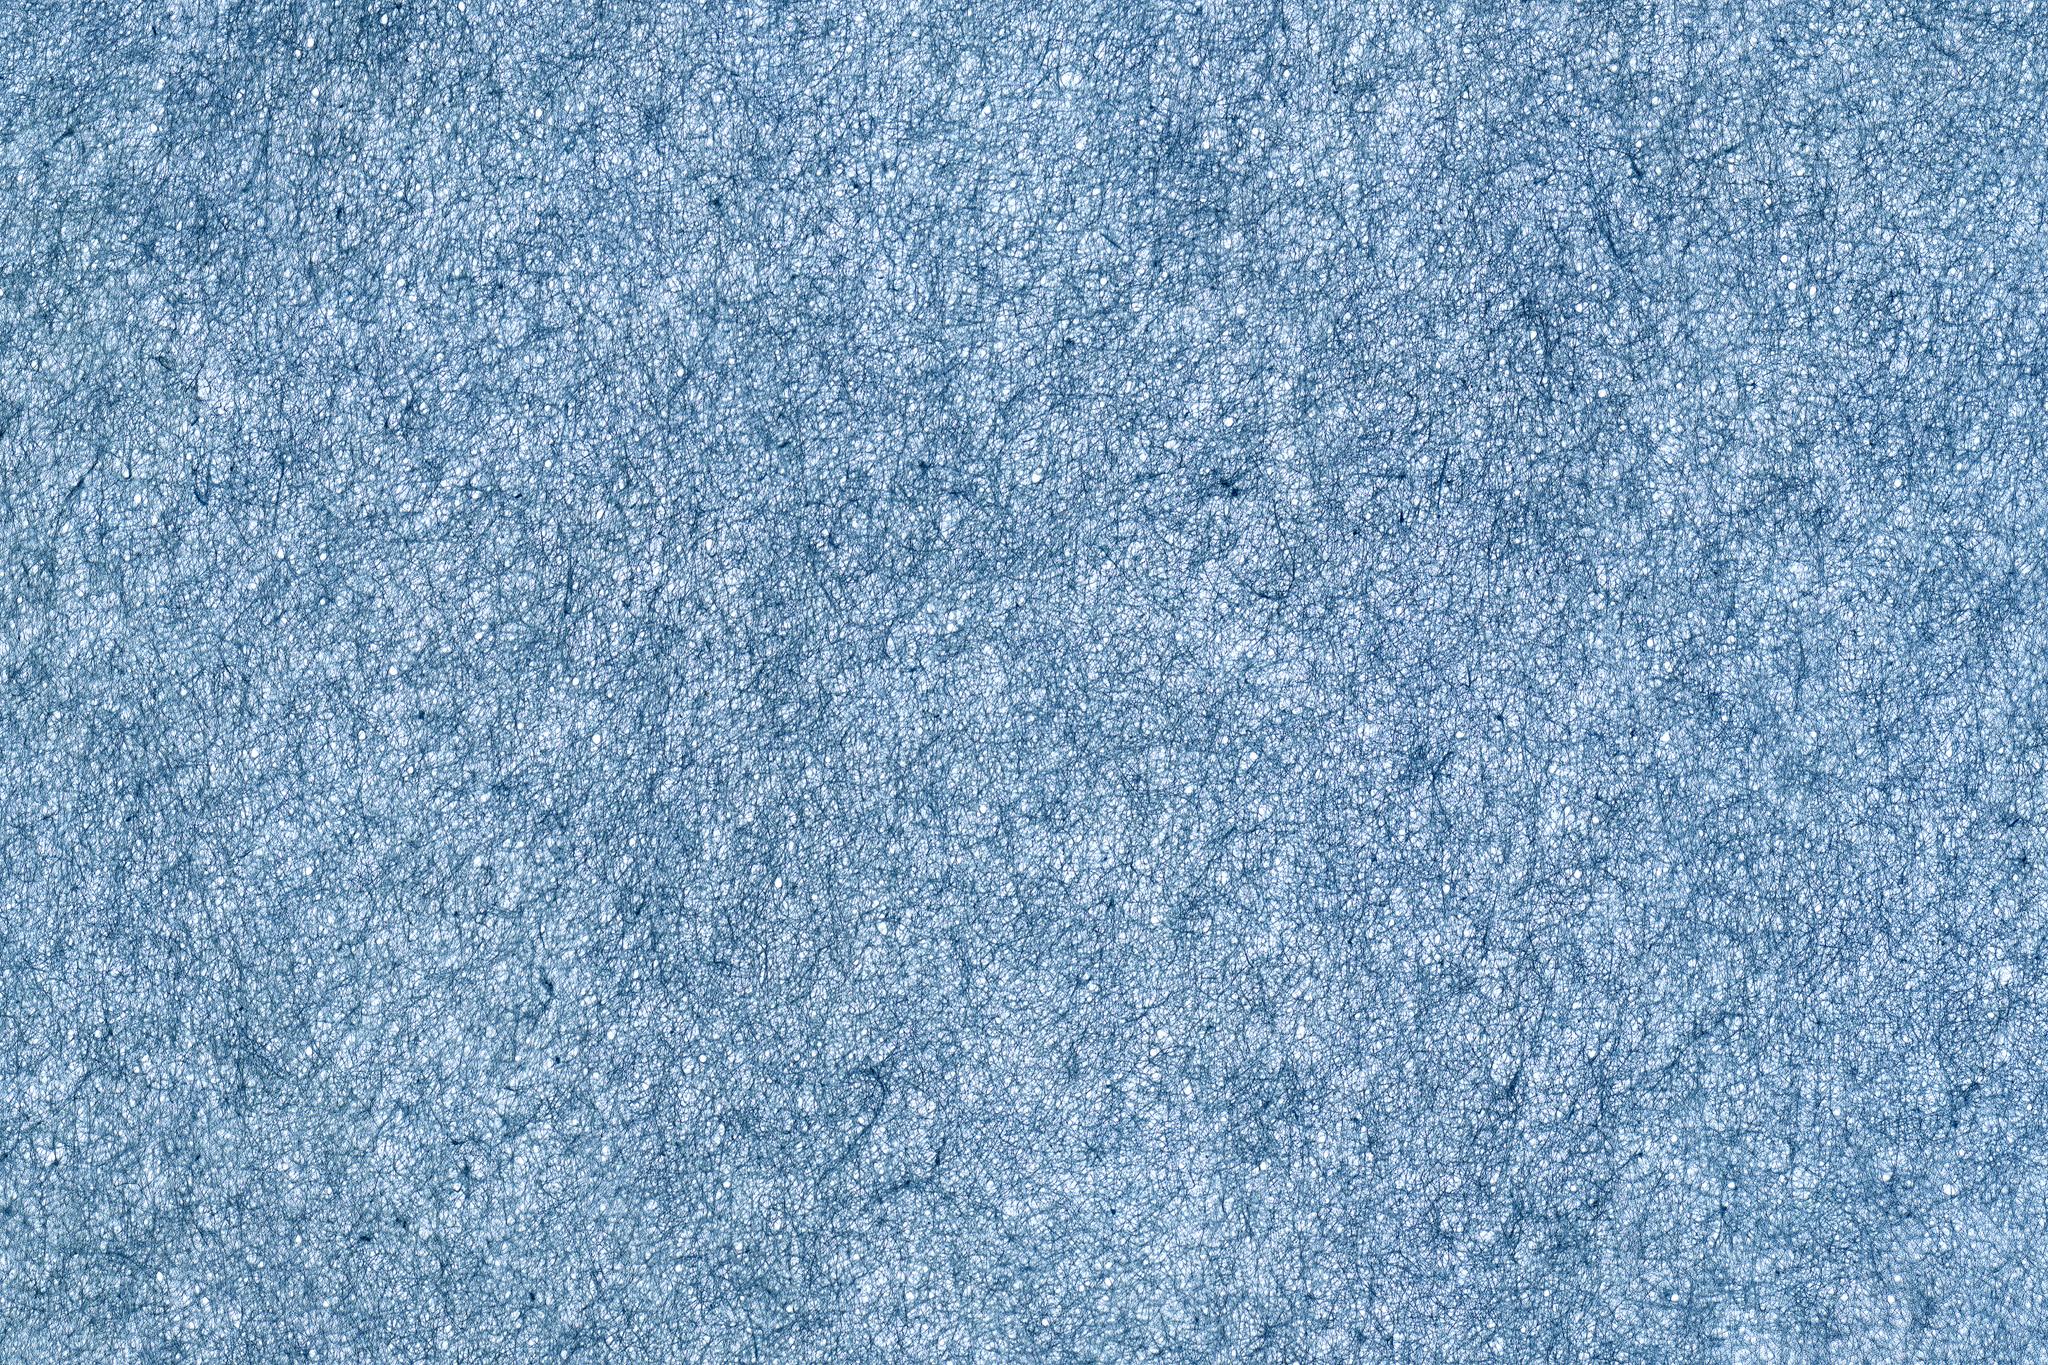 「青色の極薄和紙」の画像を無料ダウンロード